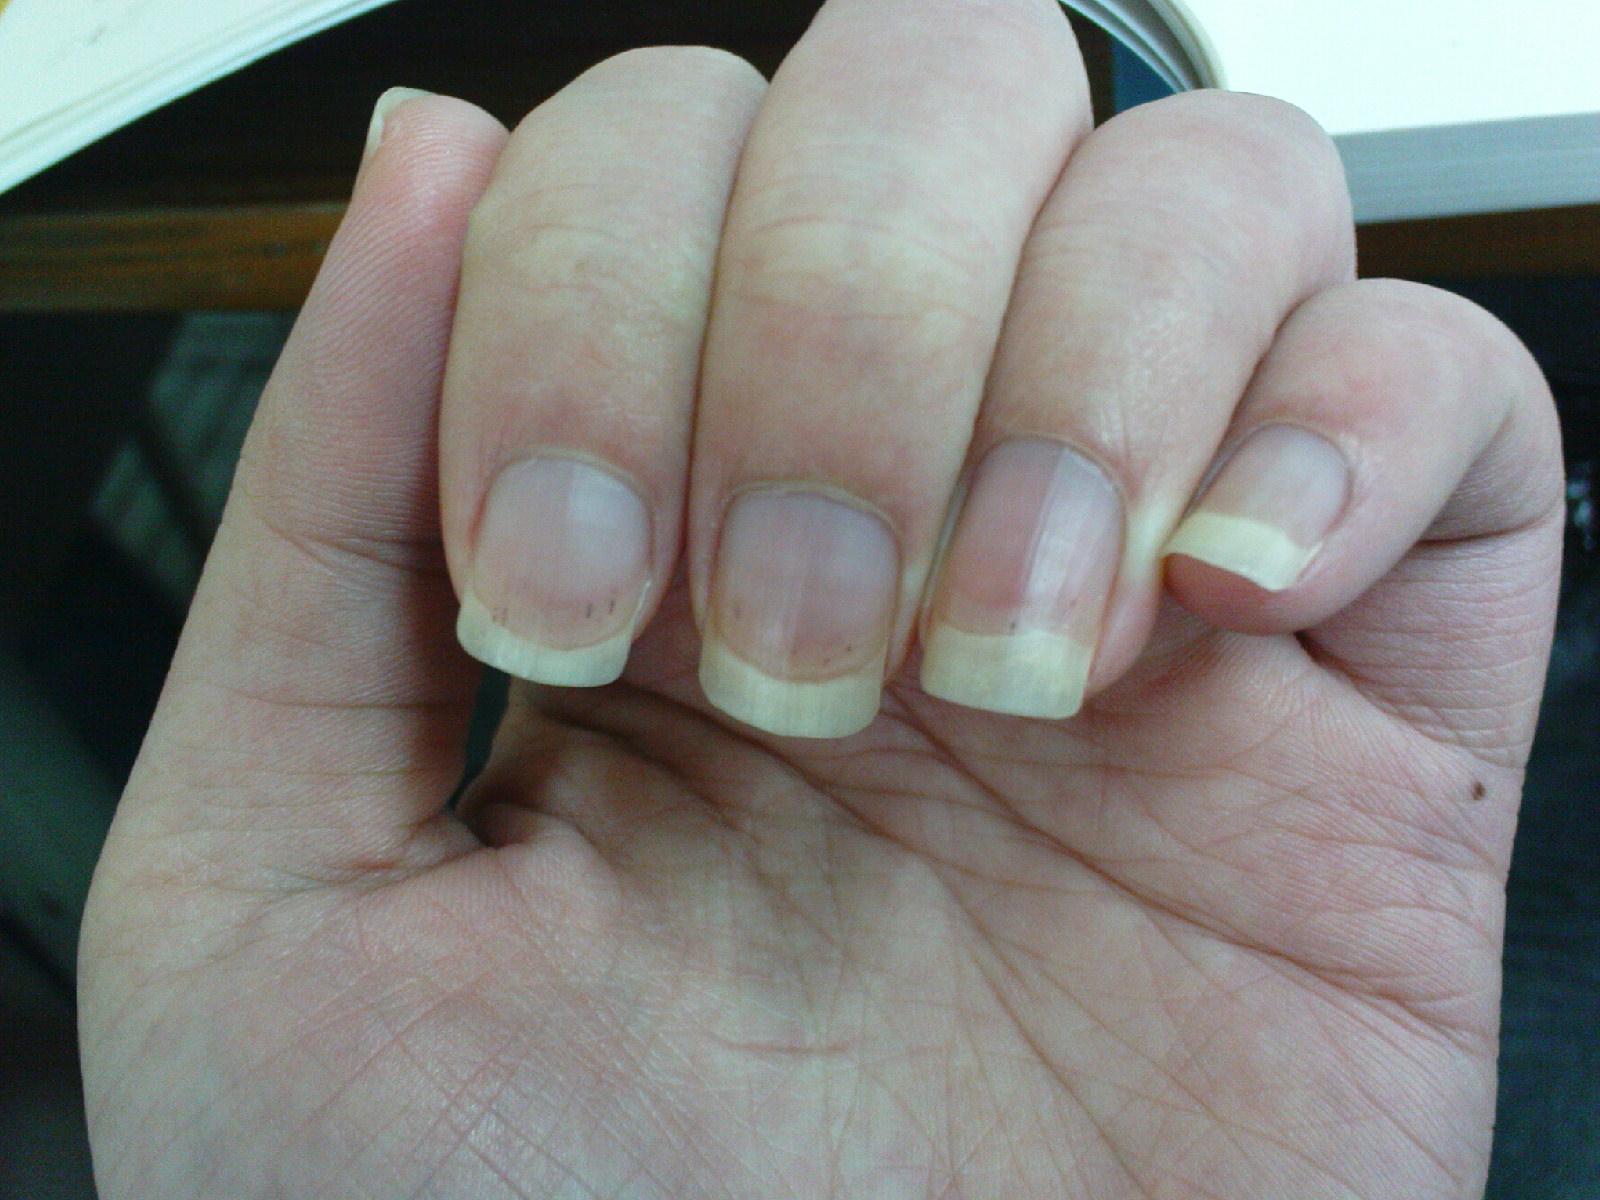 手指甲上长了黑色的东西,为什么?图片